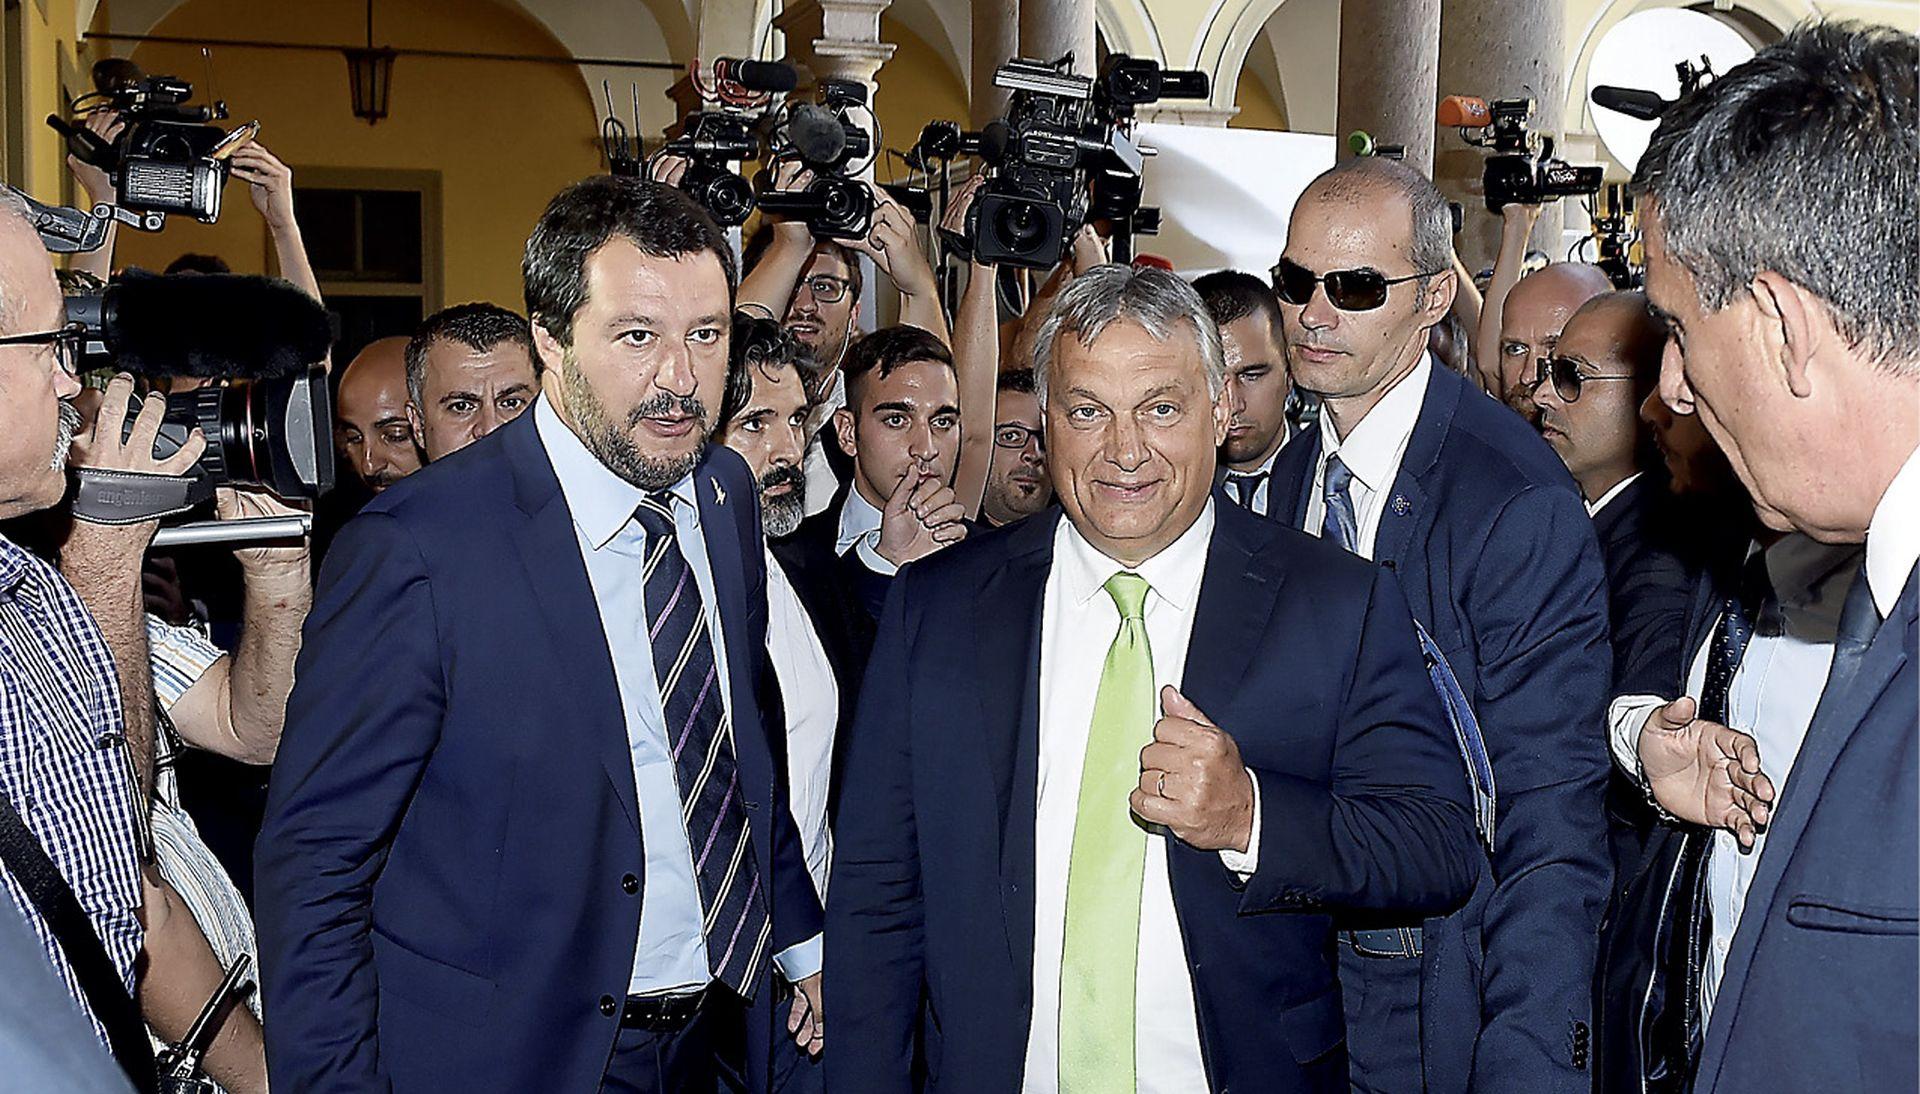 Salvini i Orbán podrivaju politički poredak Europske unije